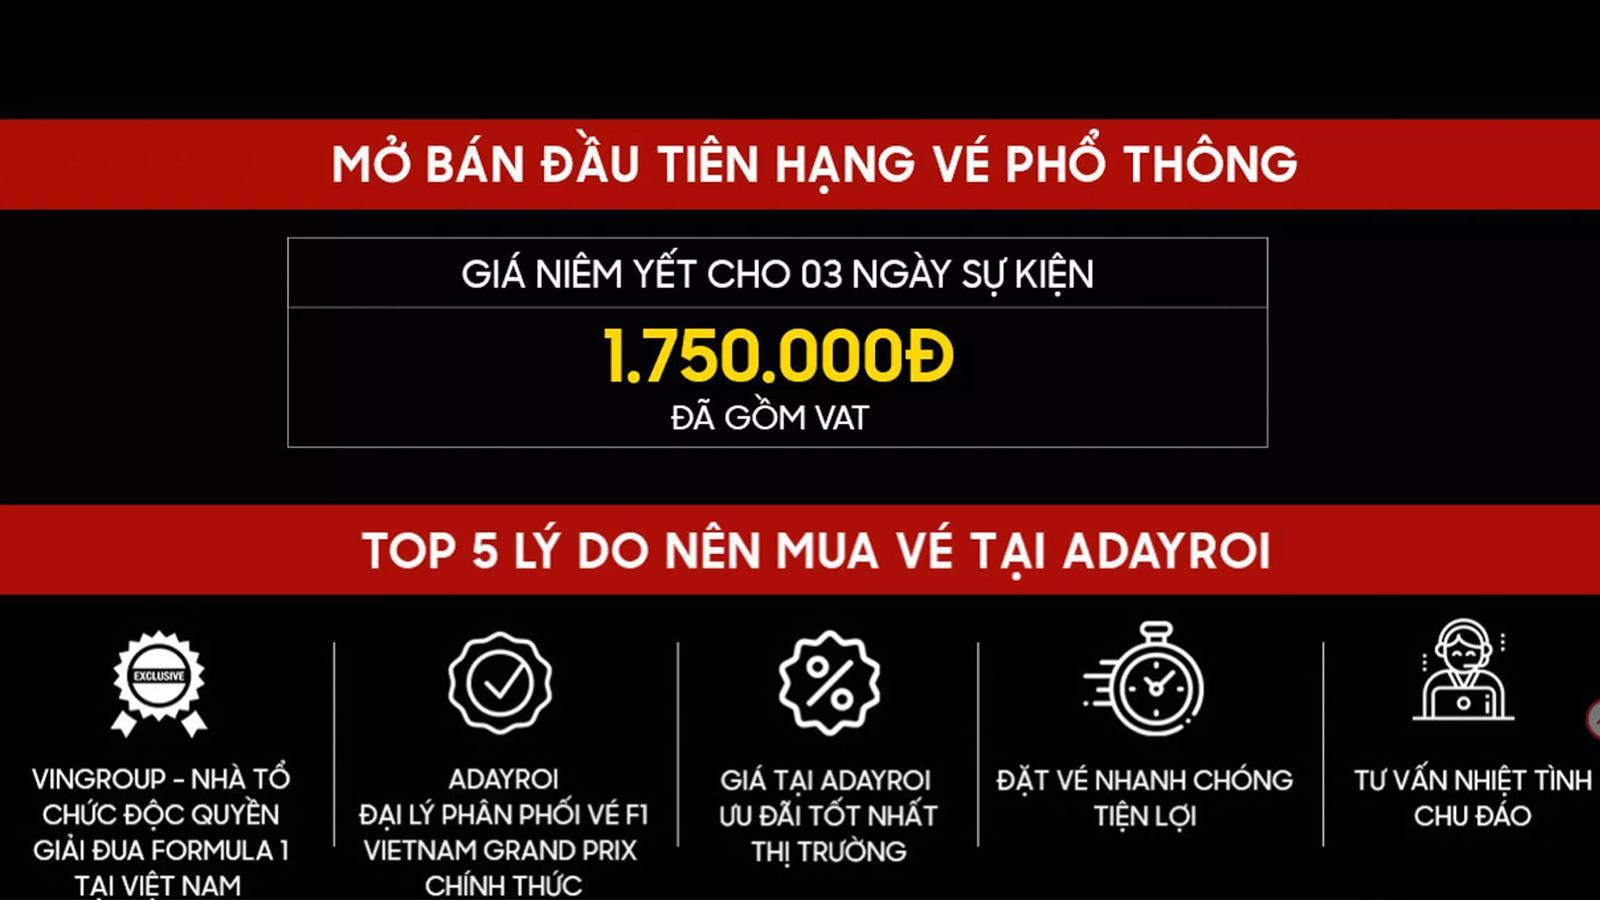 Công bố giá vé xem đua xe F1 tại Hà Nội, hạng phổ thông nhiều người mua được Ảnh 3